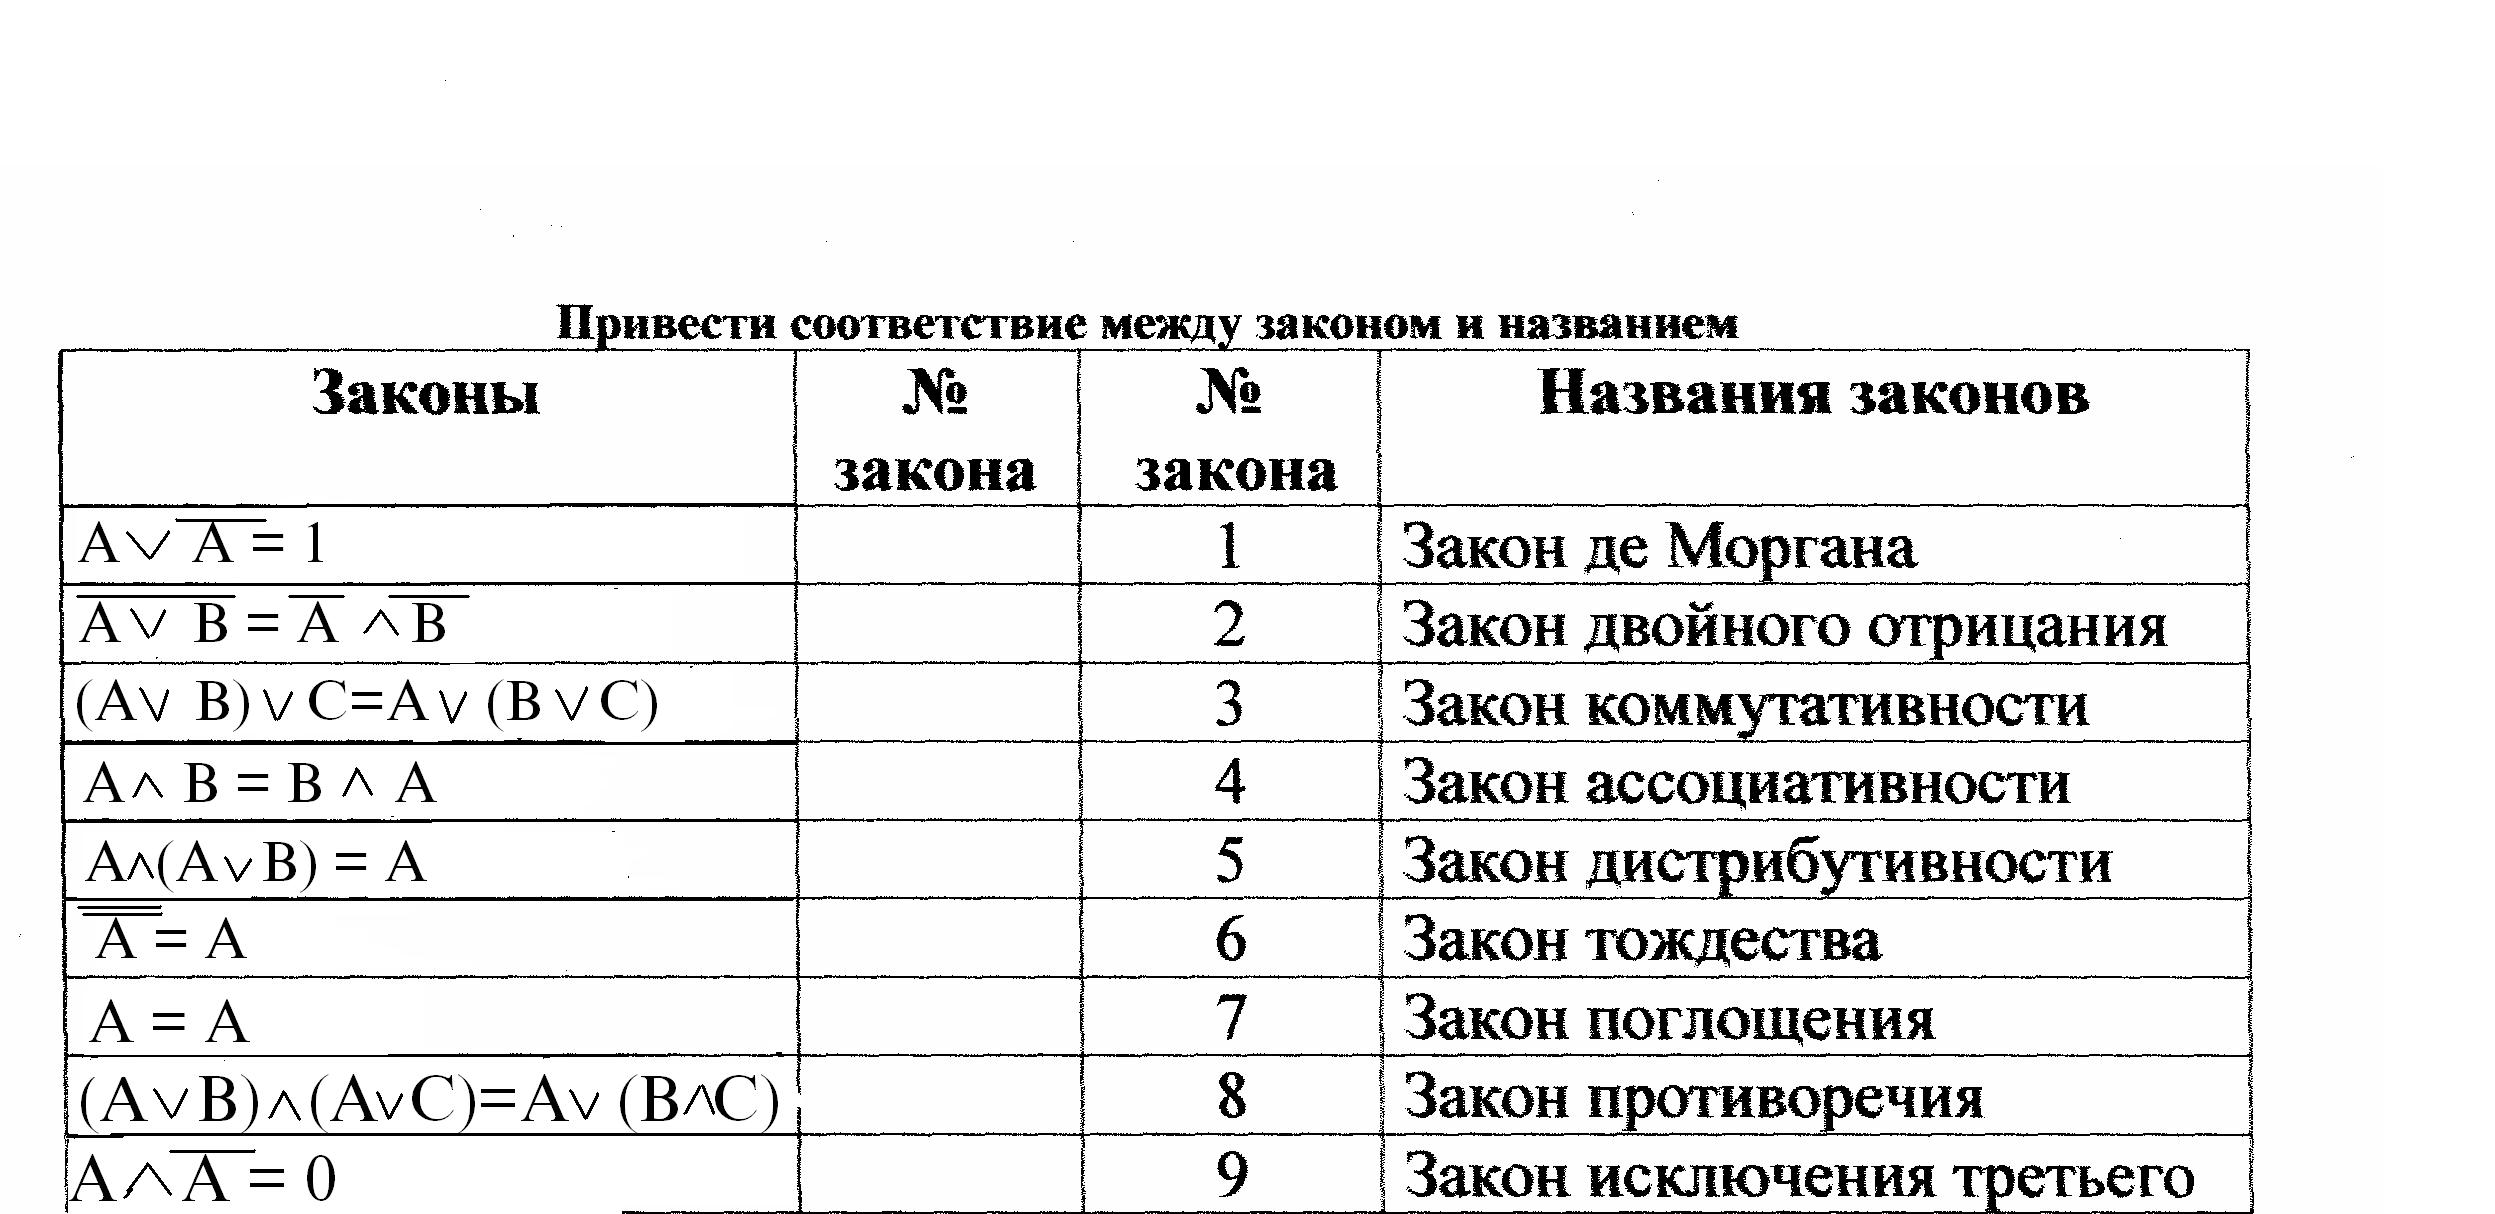 Решебник тестовый контроль знаний география материков и океанов 7 класс в.ф.волков